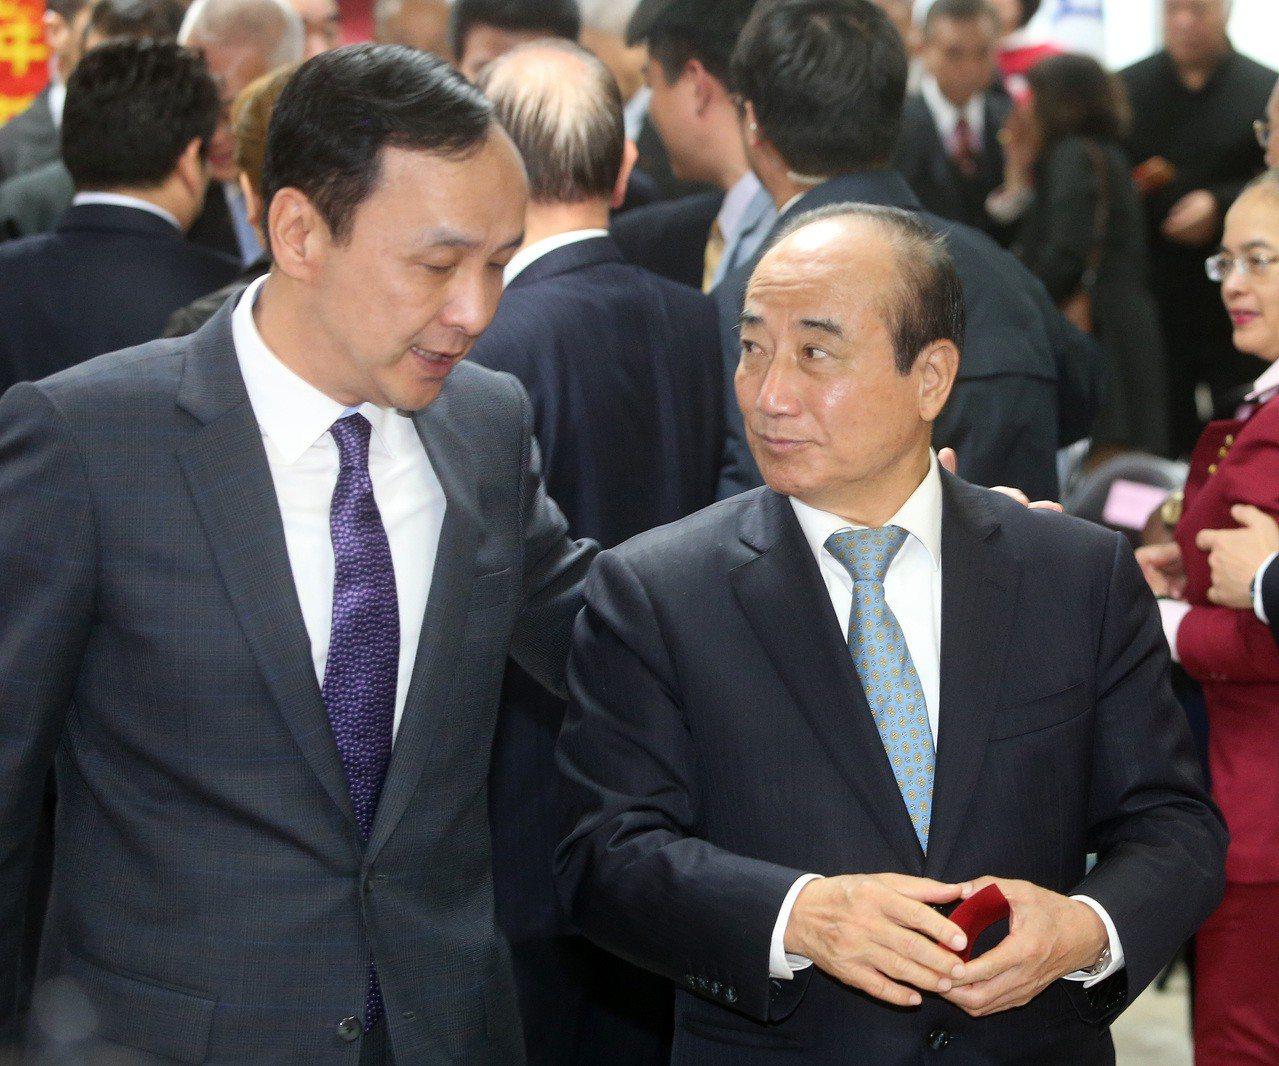 國民黨今天舉行新春團拜,出席的新北市前市長朱立倫(左)與立法院前院長王金平(右)...